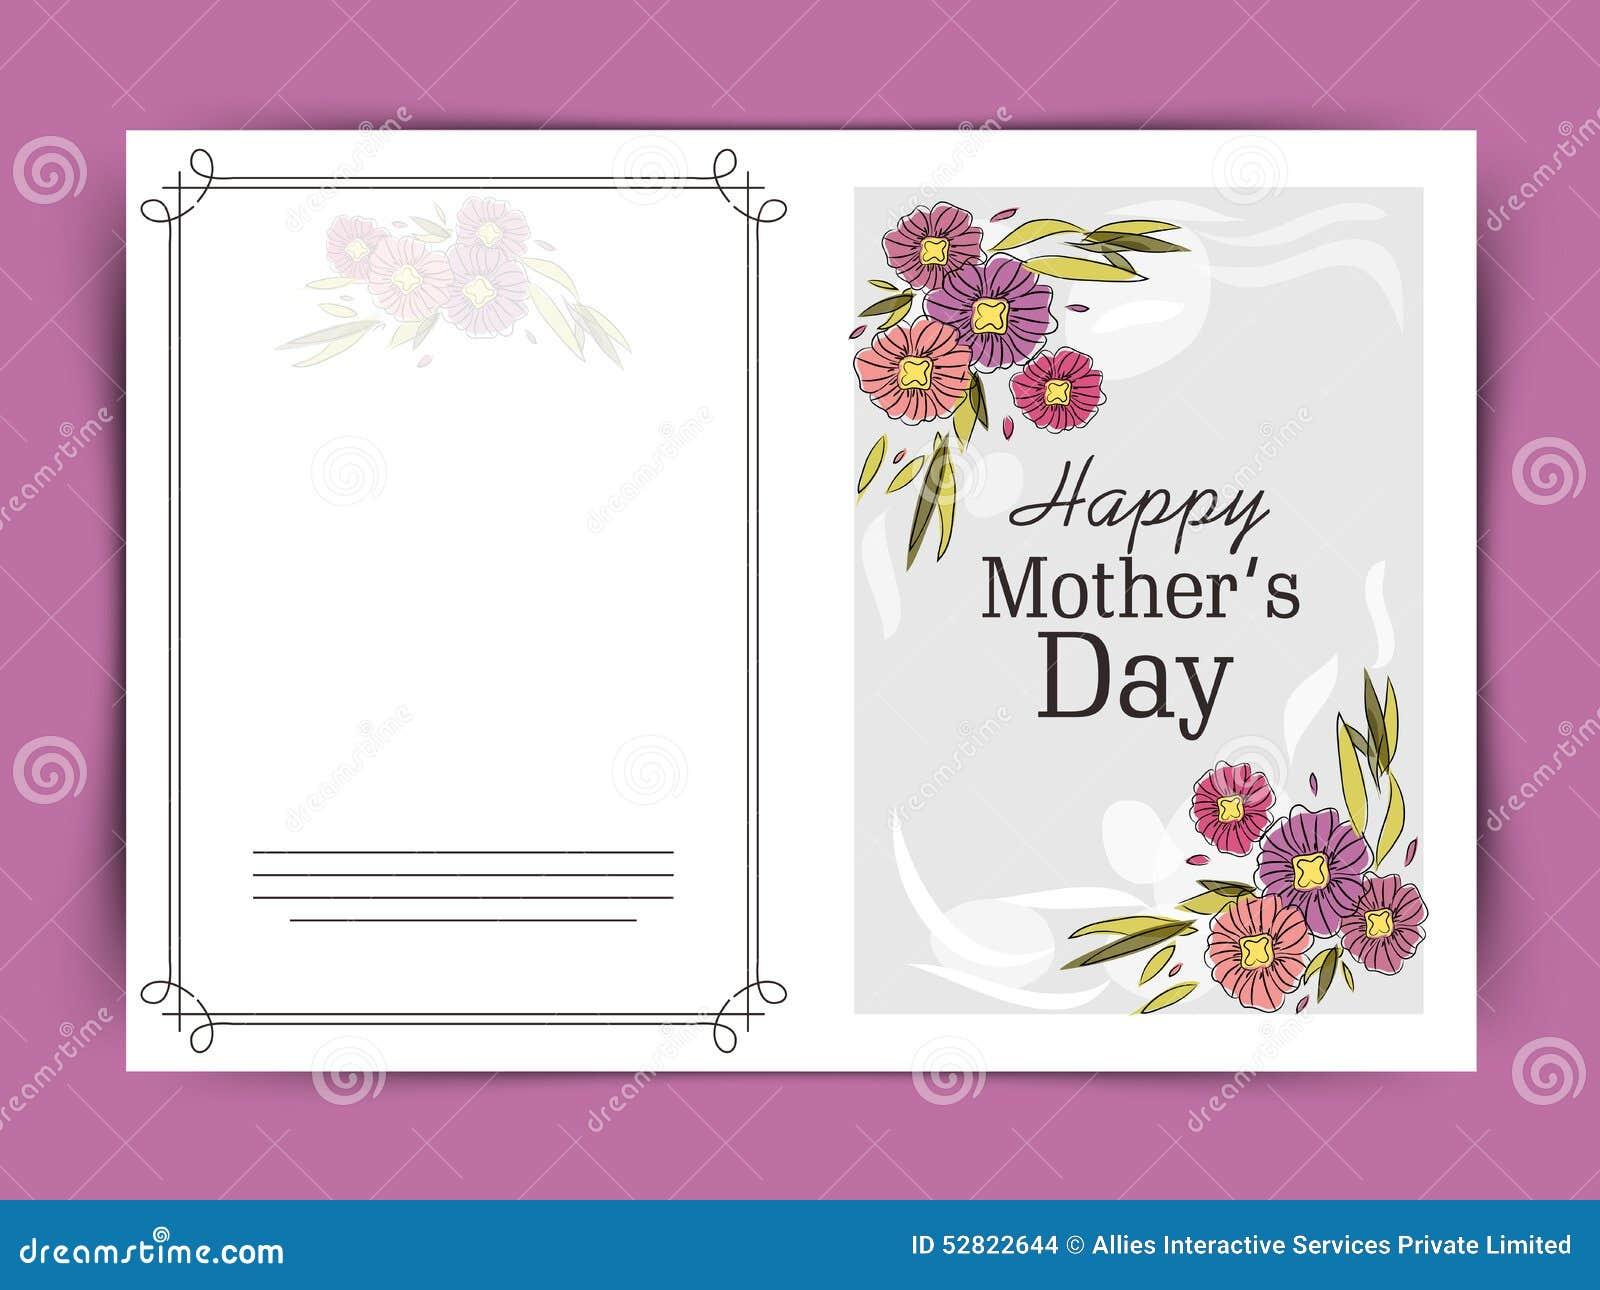 Invitacion DÍa De Las Madres RegiÓn: Tarjeta Del Saludo O De La Invitación Para El Día De